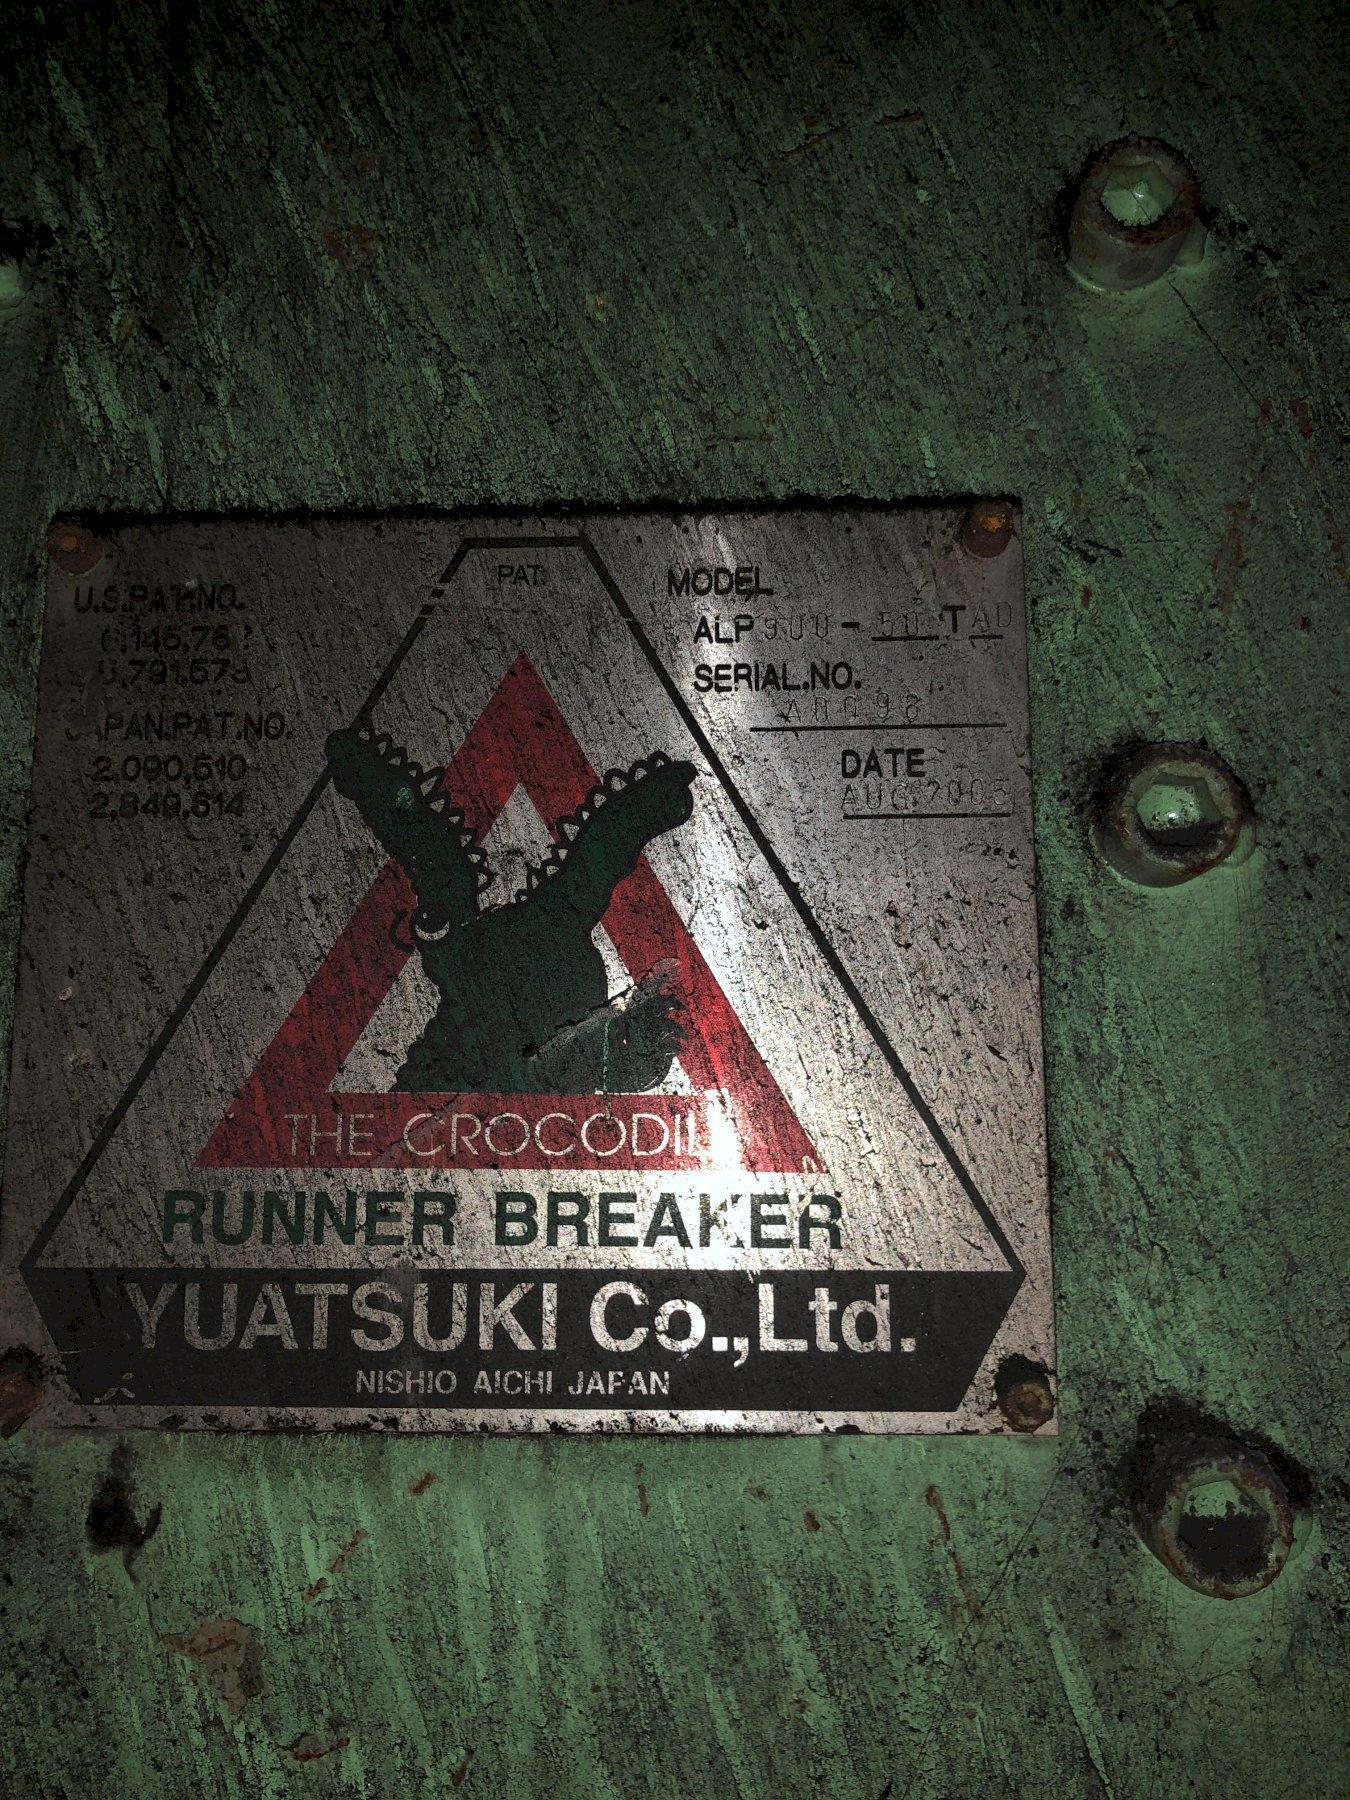 2005 YUATSUKI MODEL ALP 900-50TAD GATE CRUSHER S/N A0098 NOT IN SERVICE